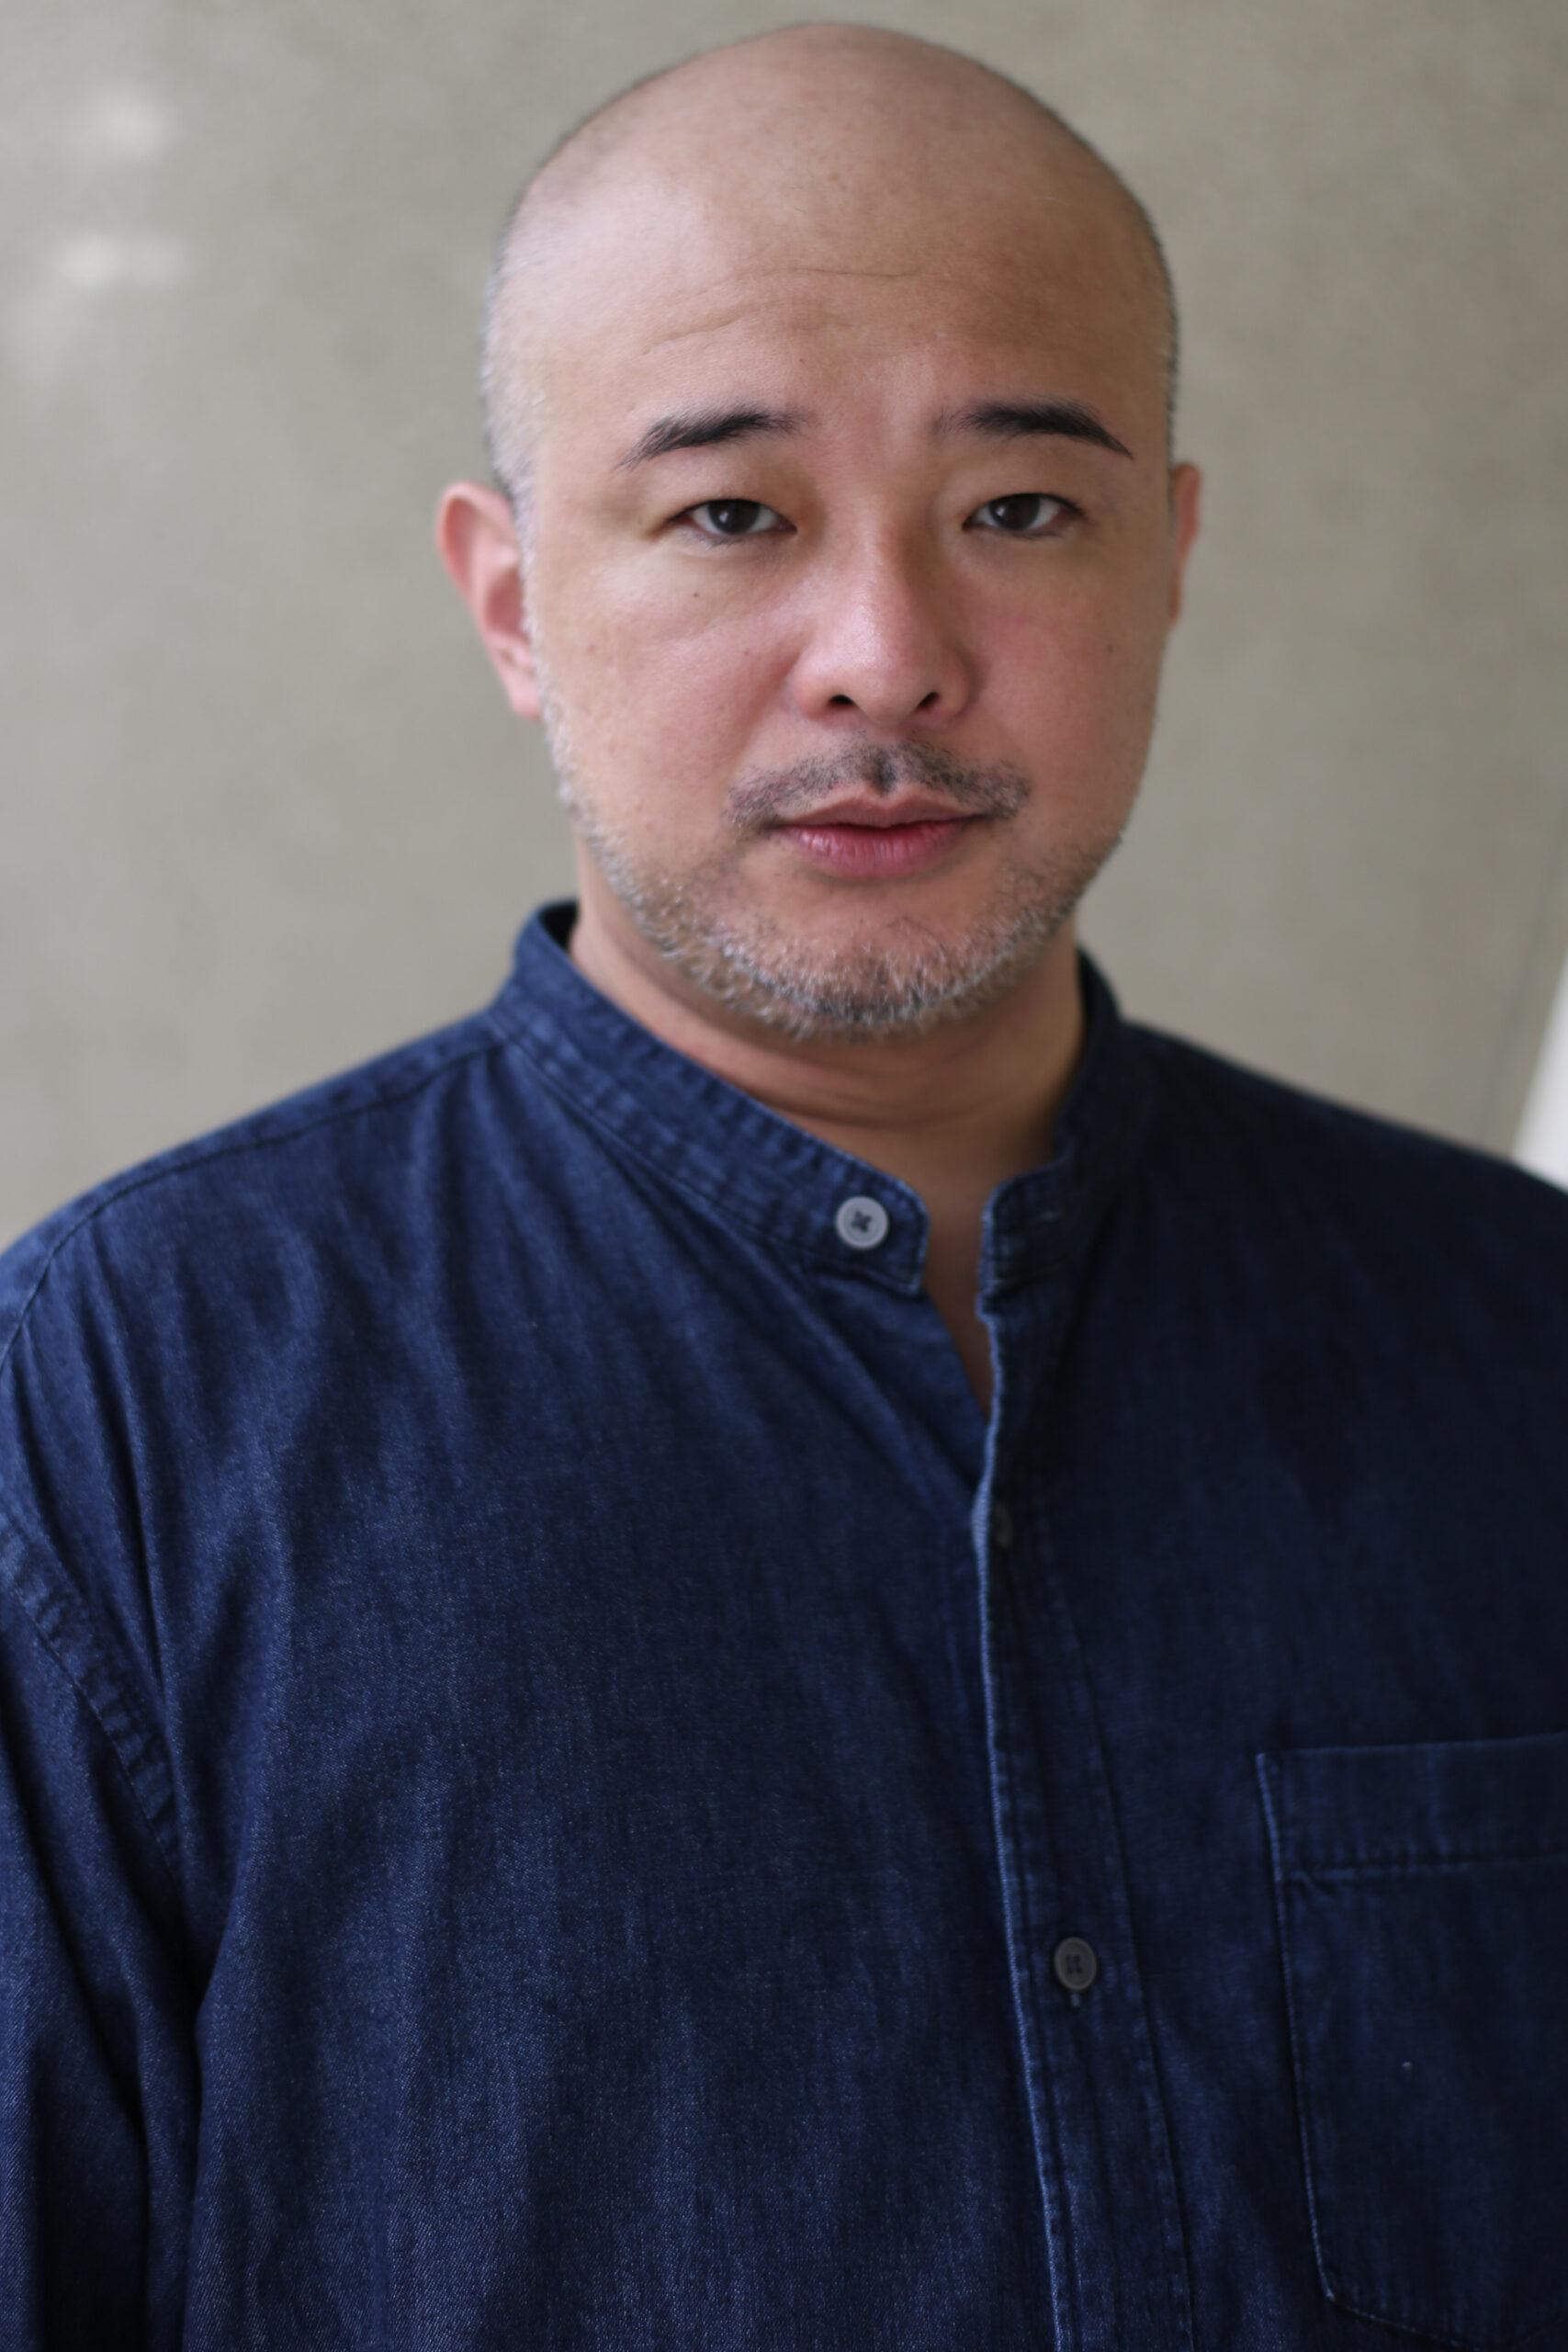 竹井 洋介 Yousuke Takei